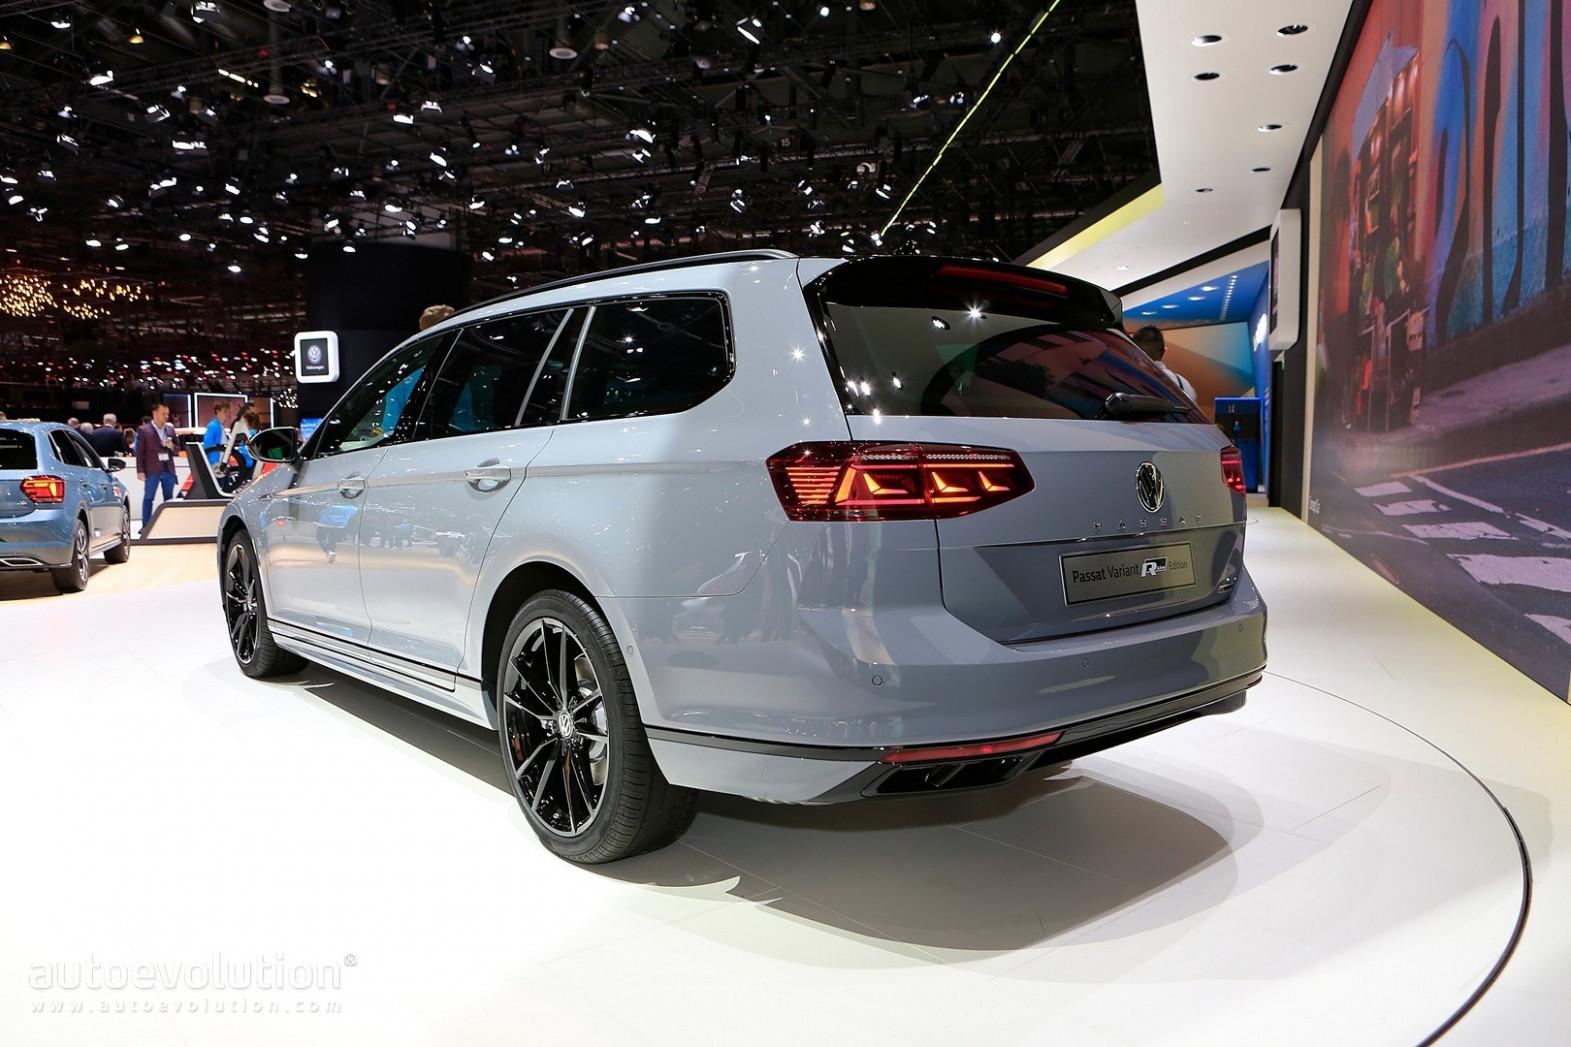 New Concept Volkswagen Passat 2022 Europe